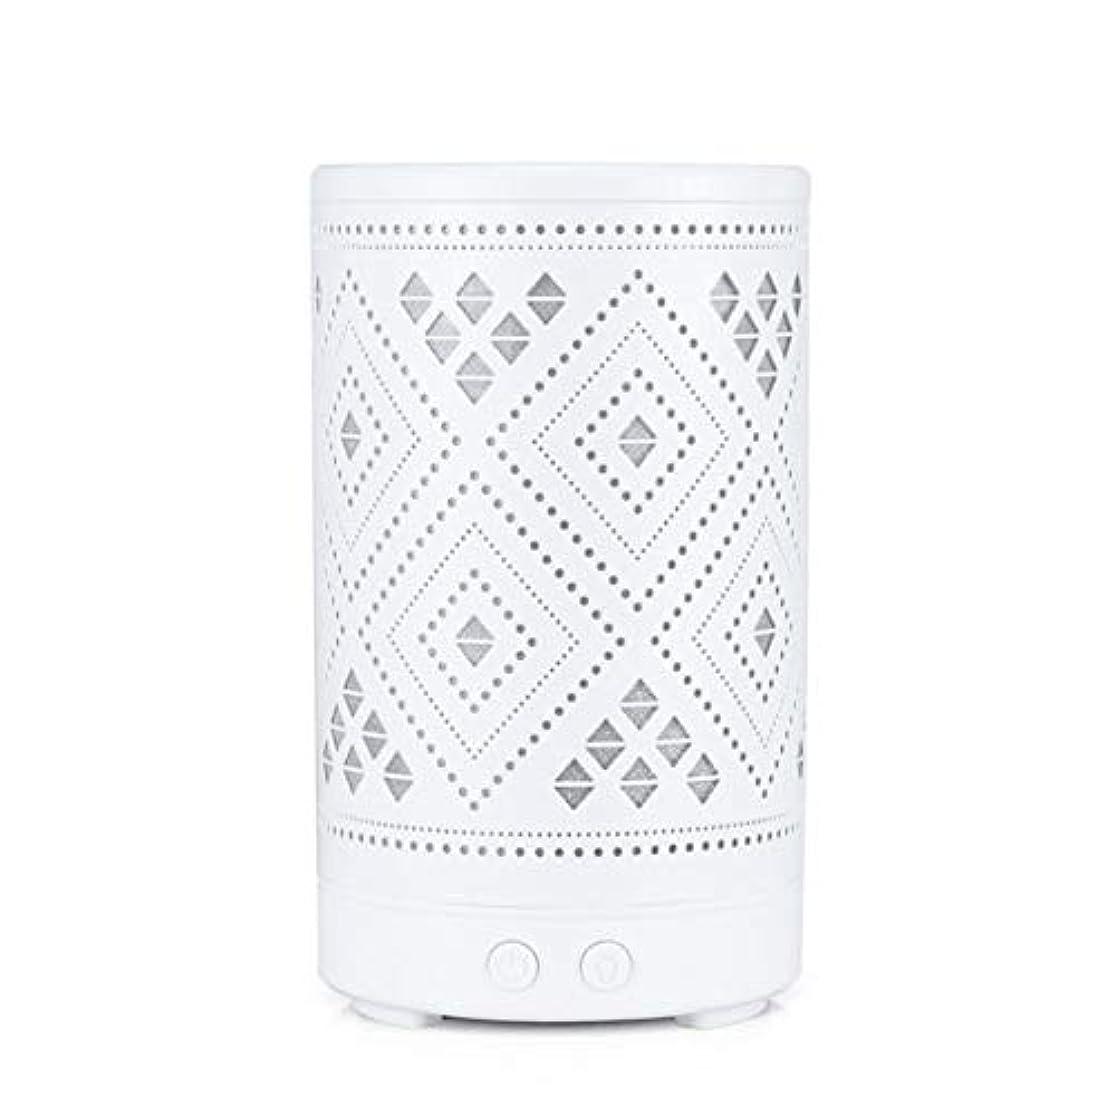 居眠りする有料なるクラシック ミニ 中空 加湿器,涼しい霧 7 色 デスクトップ 加湿機 精油 ディフューザー アロマネブライザー Yoga ベッド 寮- 100ml